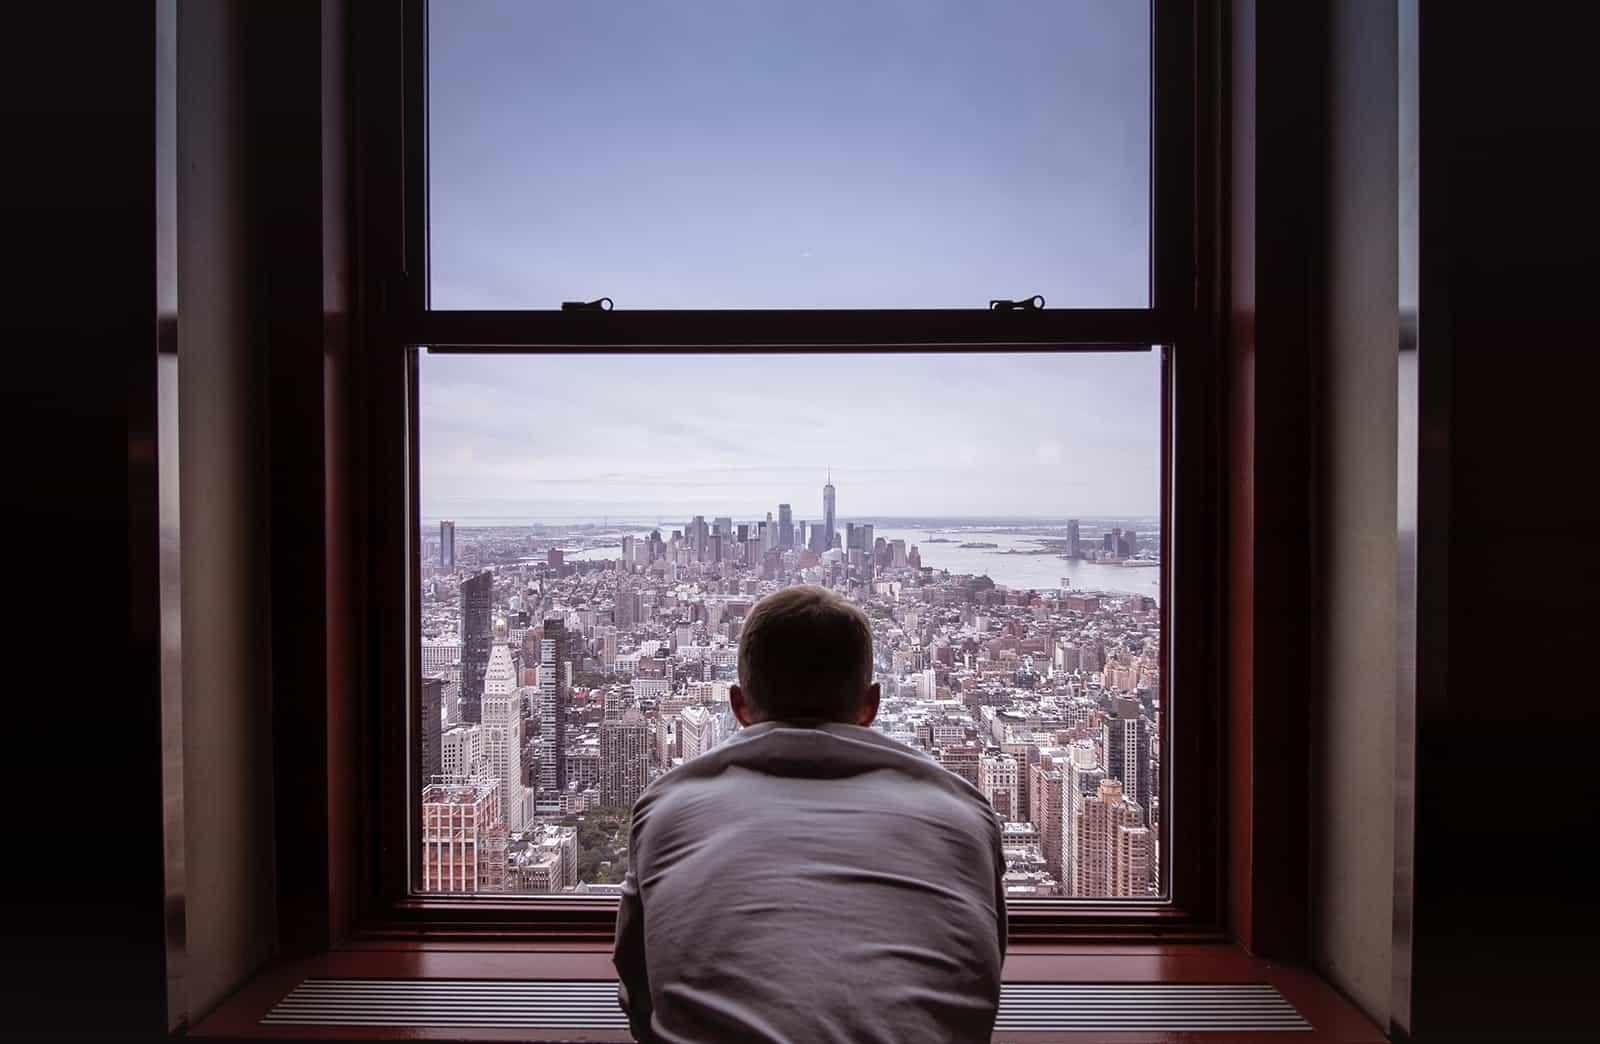 Ein Mann lehnte sich an das Fenster zur Stadt